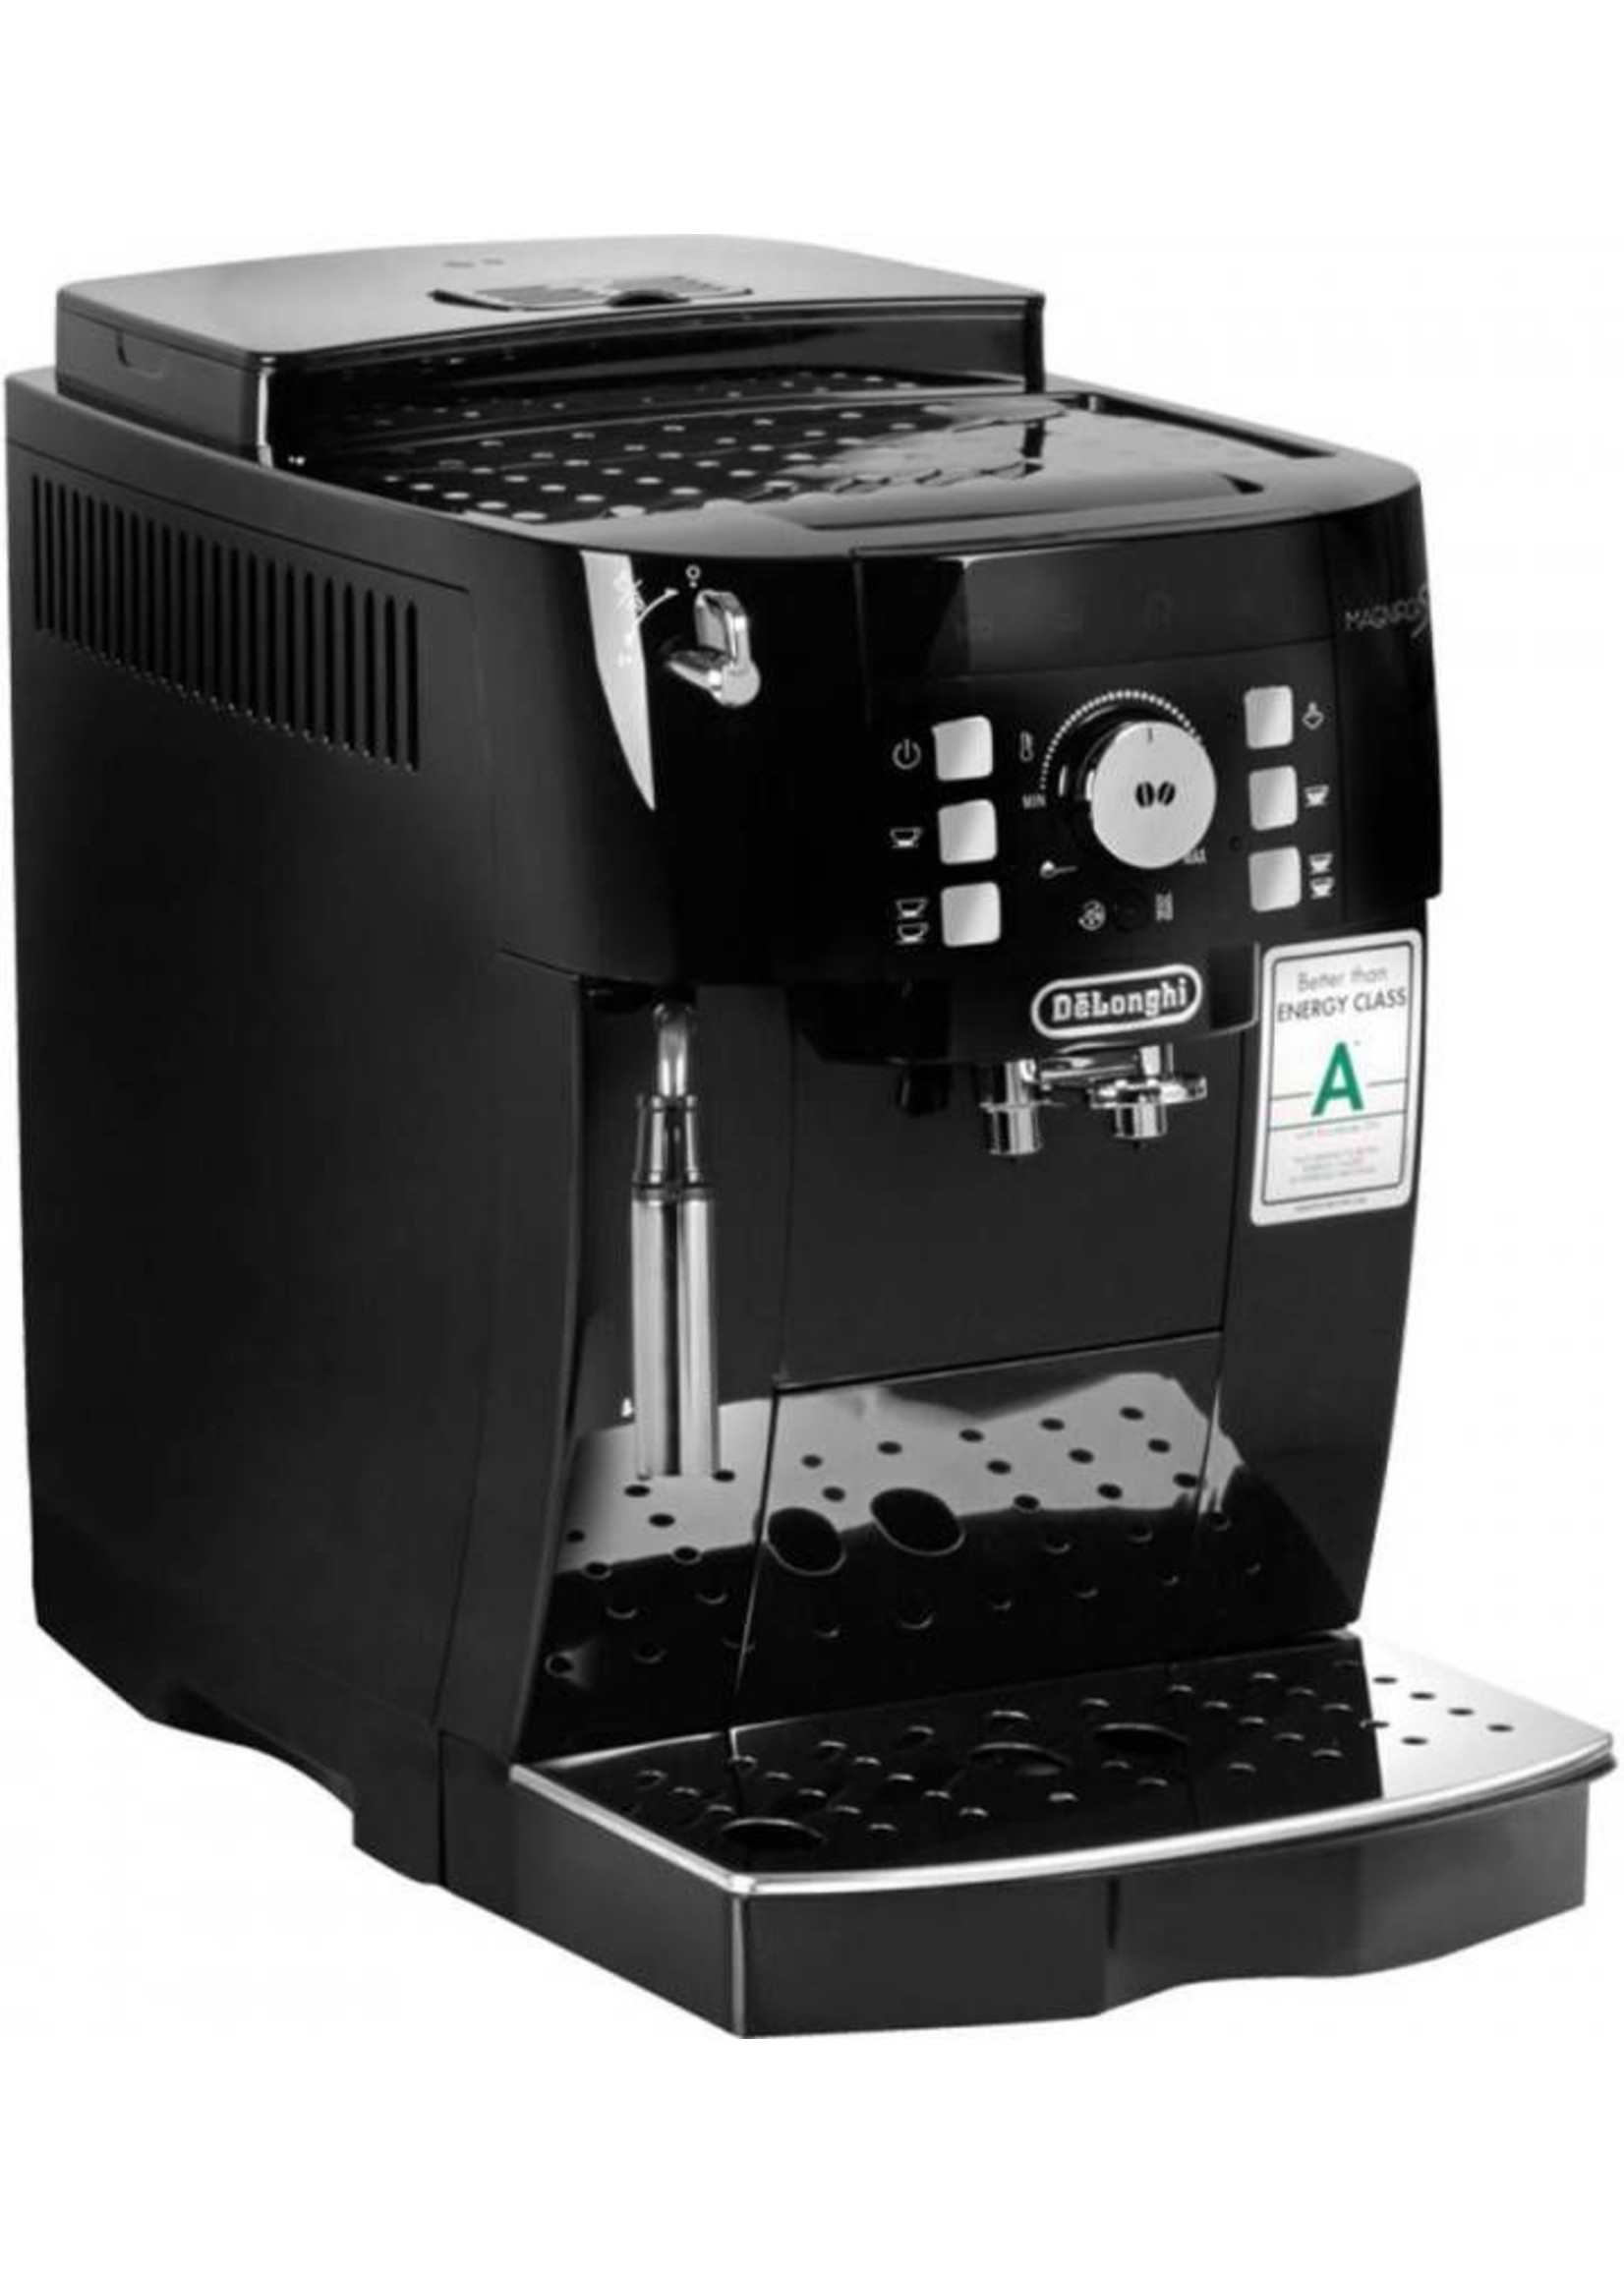 DeLonghi DeLonghi Magnifica S ECAM 21.117.B Espressomachine Zwart